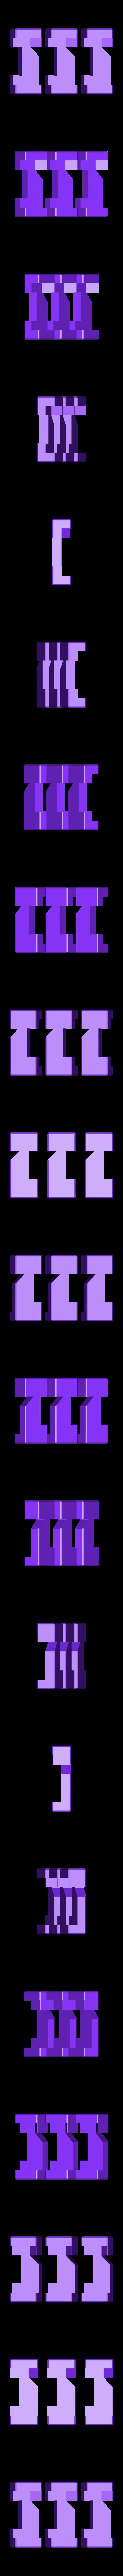 part02.stl Download free STL file Brain teaser • 3D printable design, Boxplyer